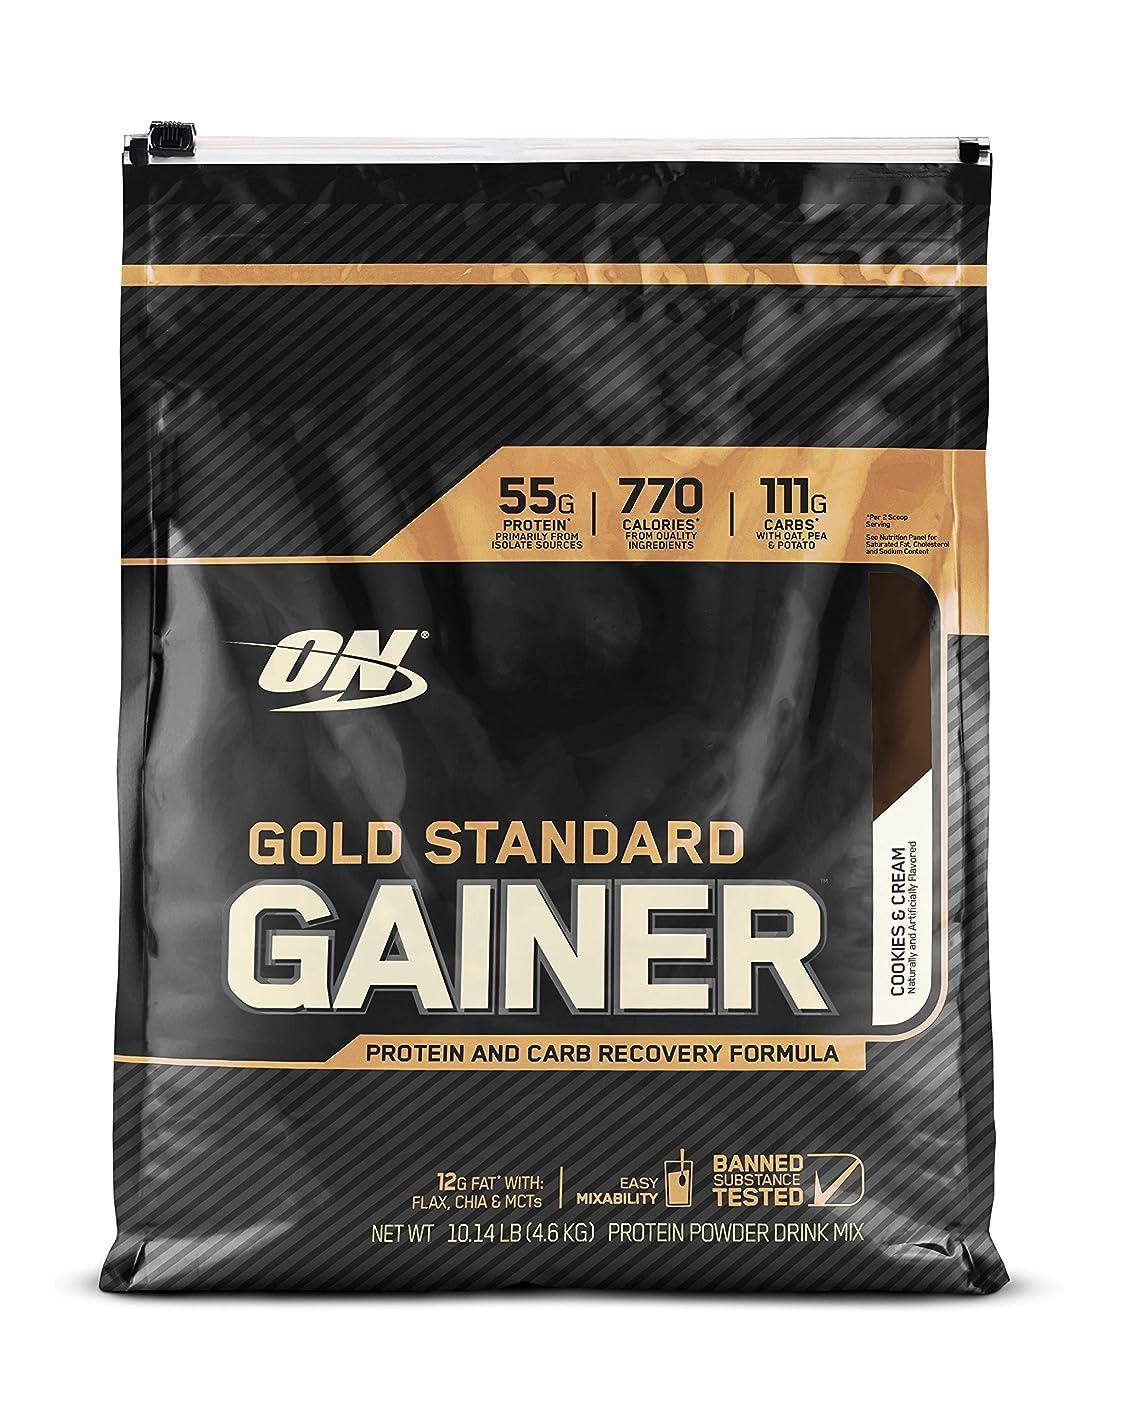 お嬢忠実に負担ゴールドスタンダード ゲイナー 10LB クッキークリーム (Gold Standard Gainer 10LB Cookies & Cream) [海外直送品]